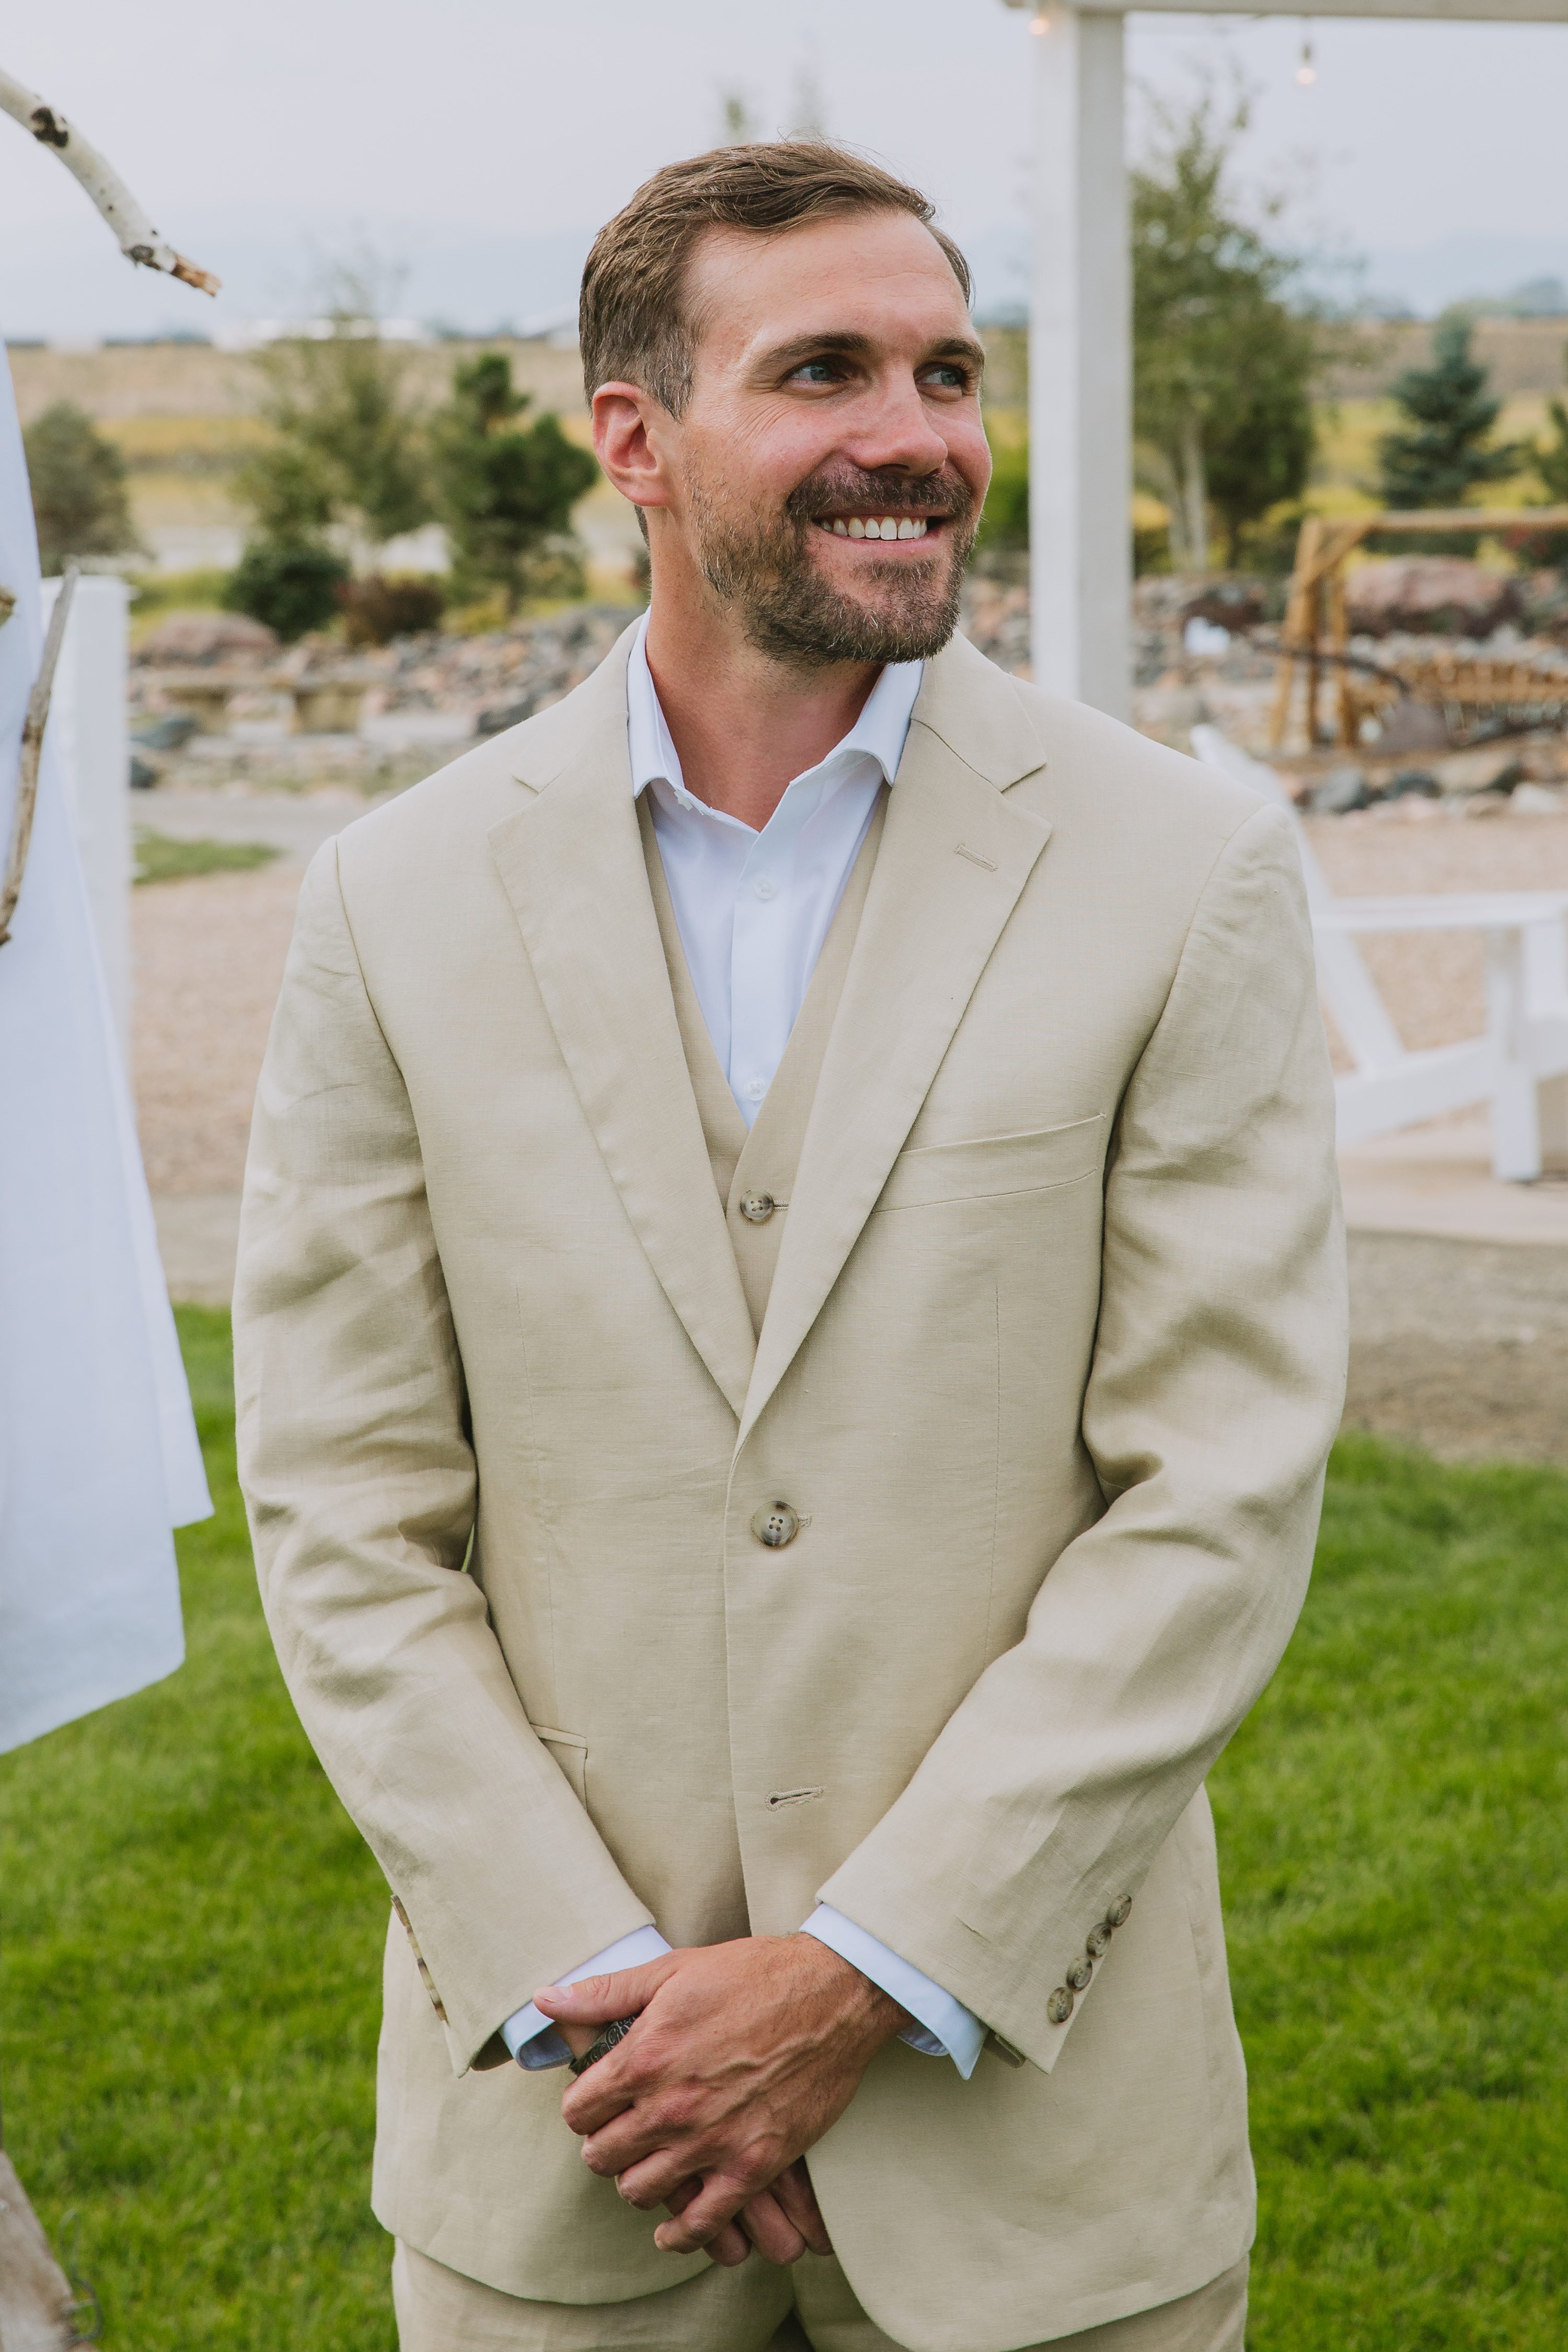 johnstown,groom,tan suit,suit no tie